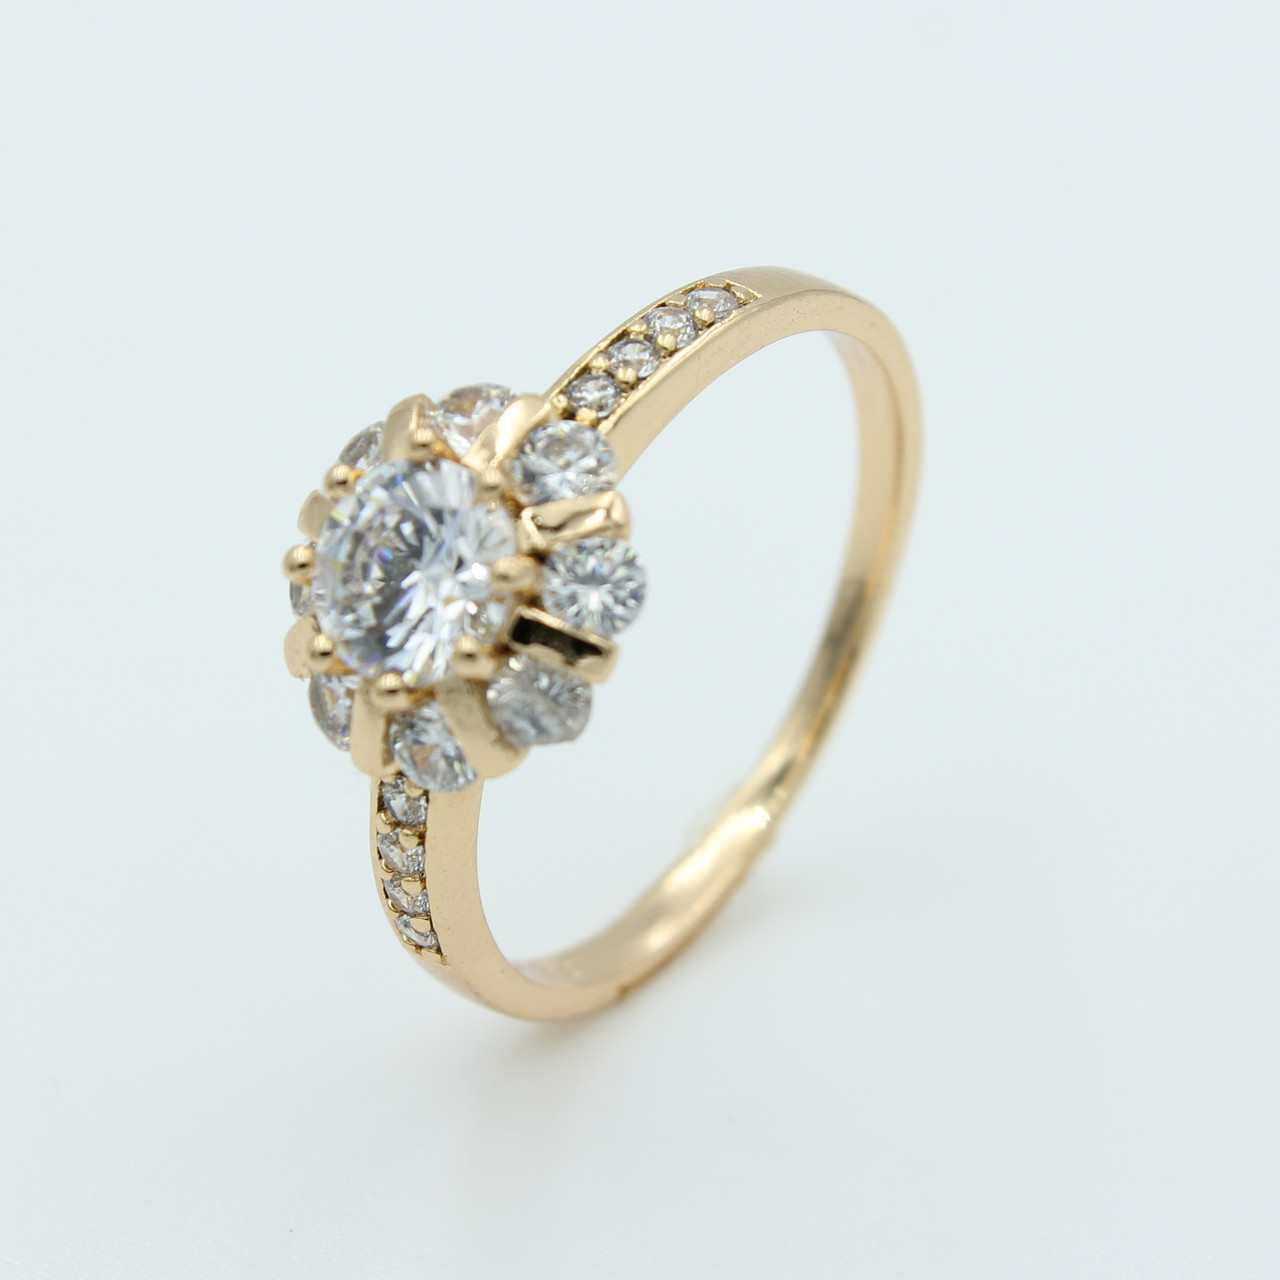 Кольцо женское с камнями Ромашка, позолота